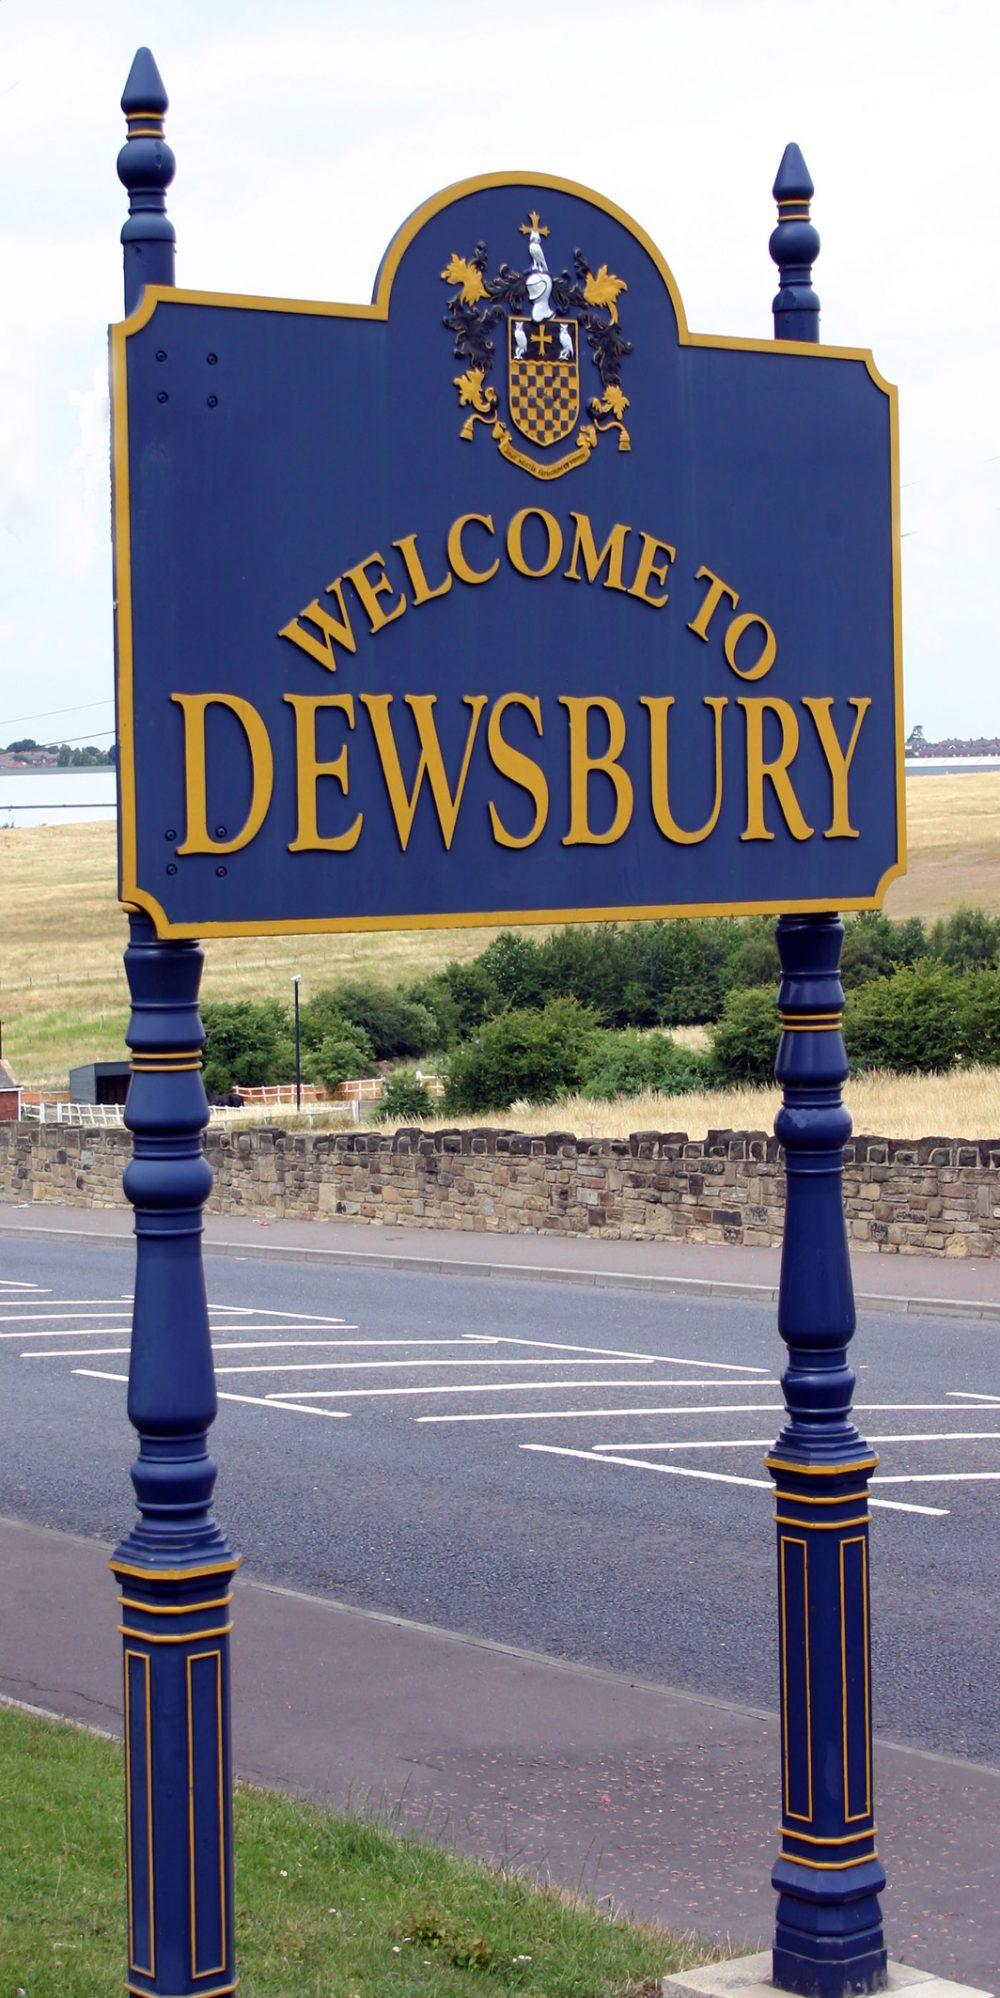 SignsDewsburyTown